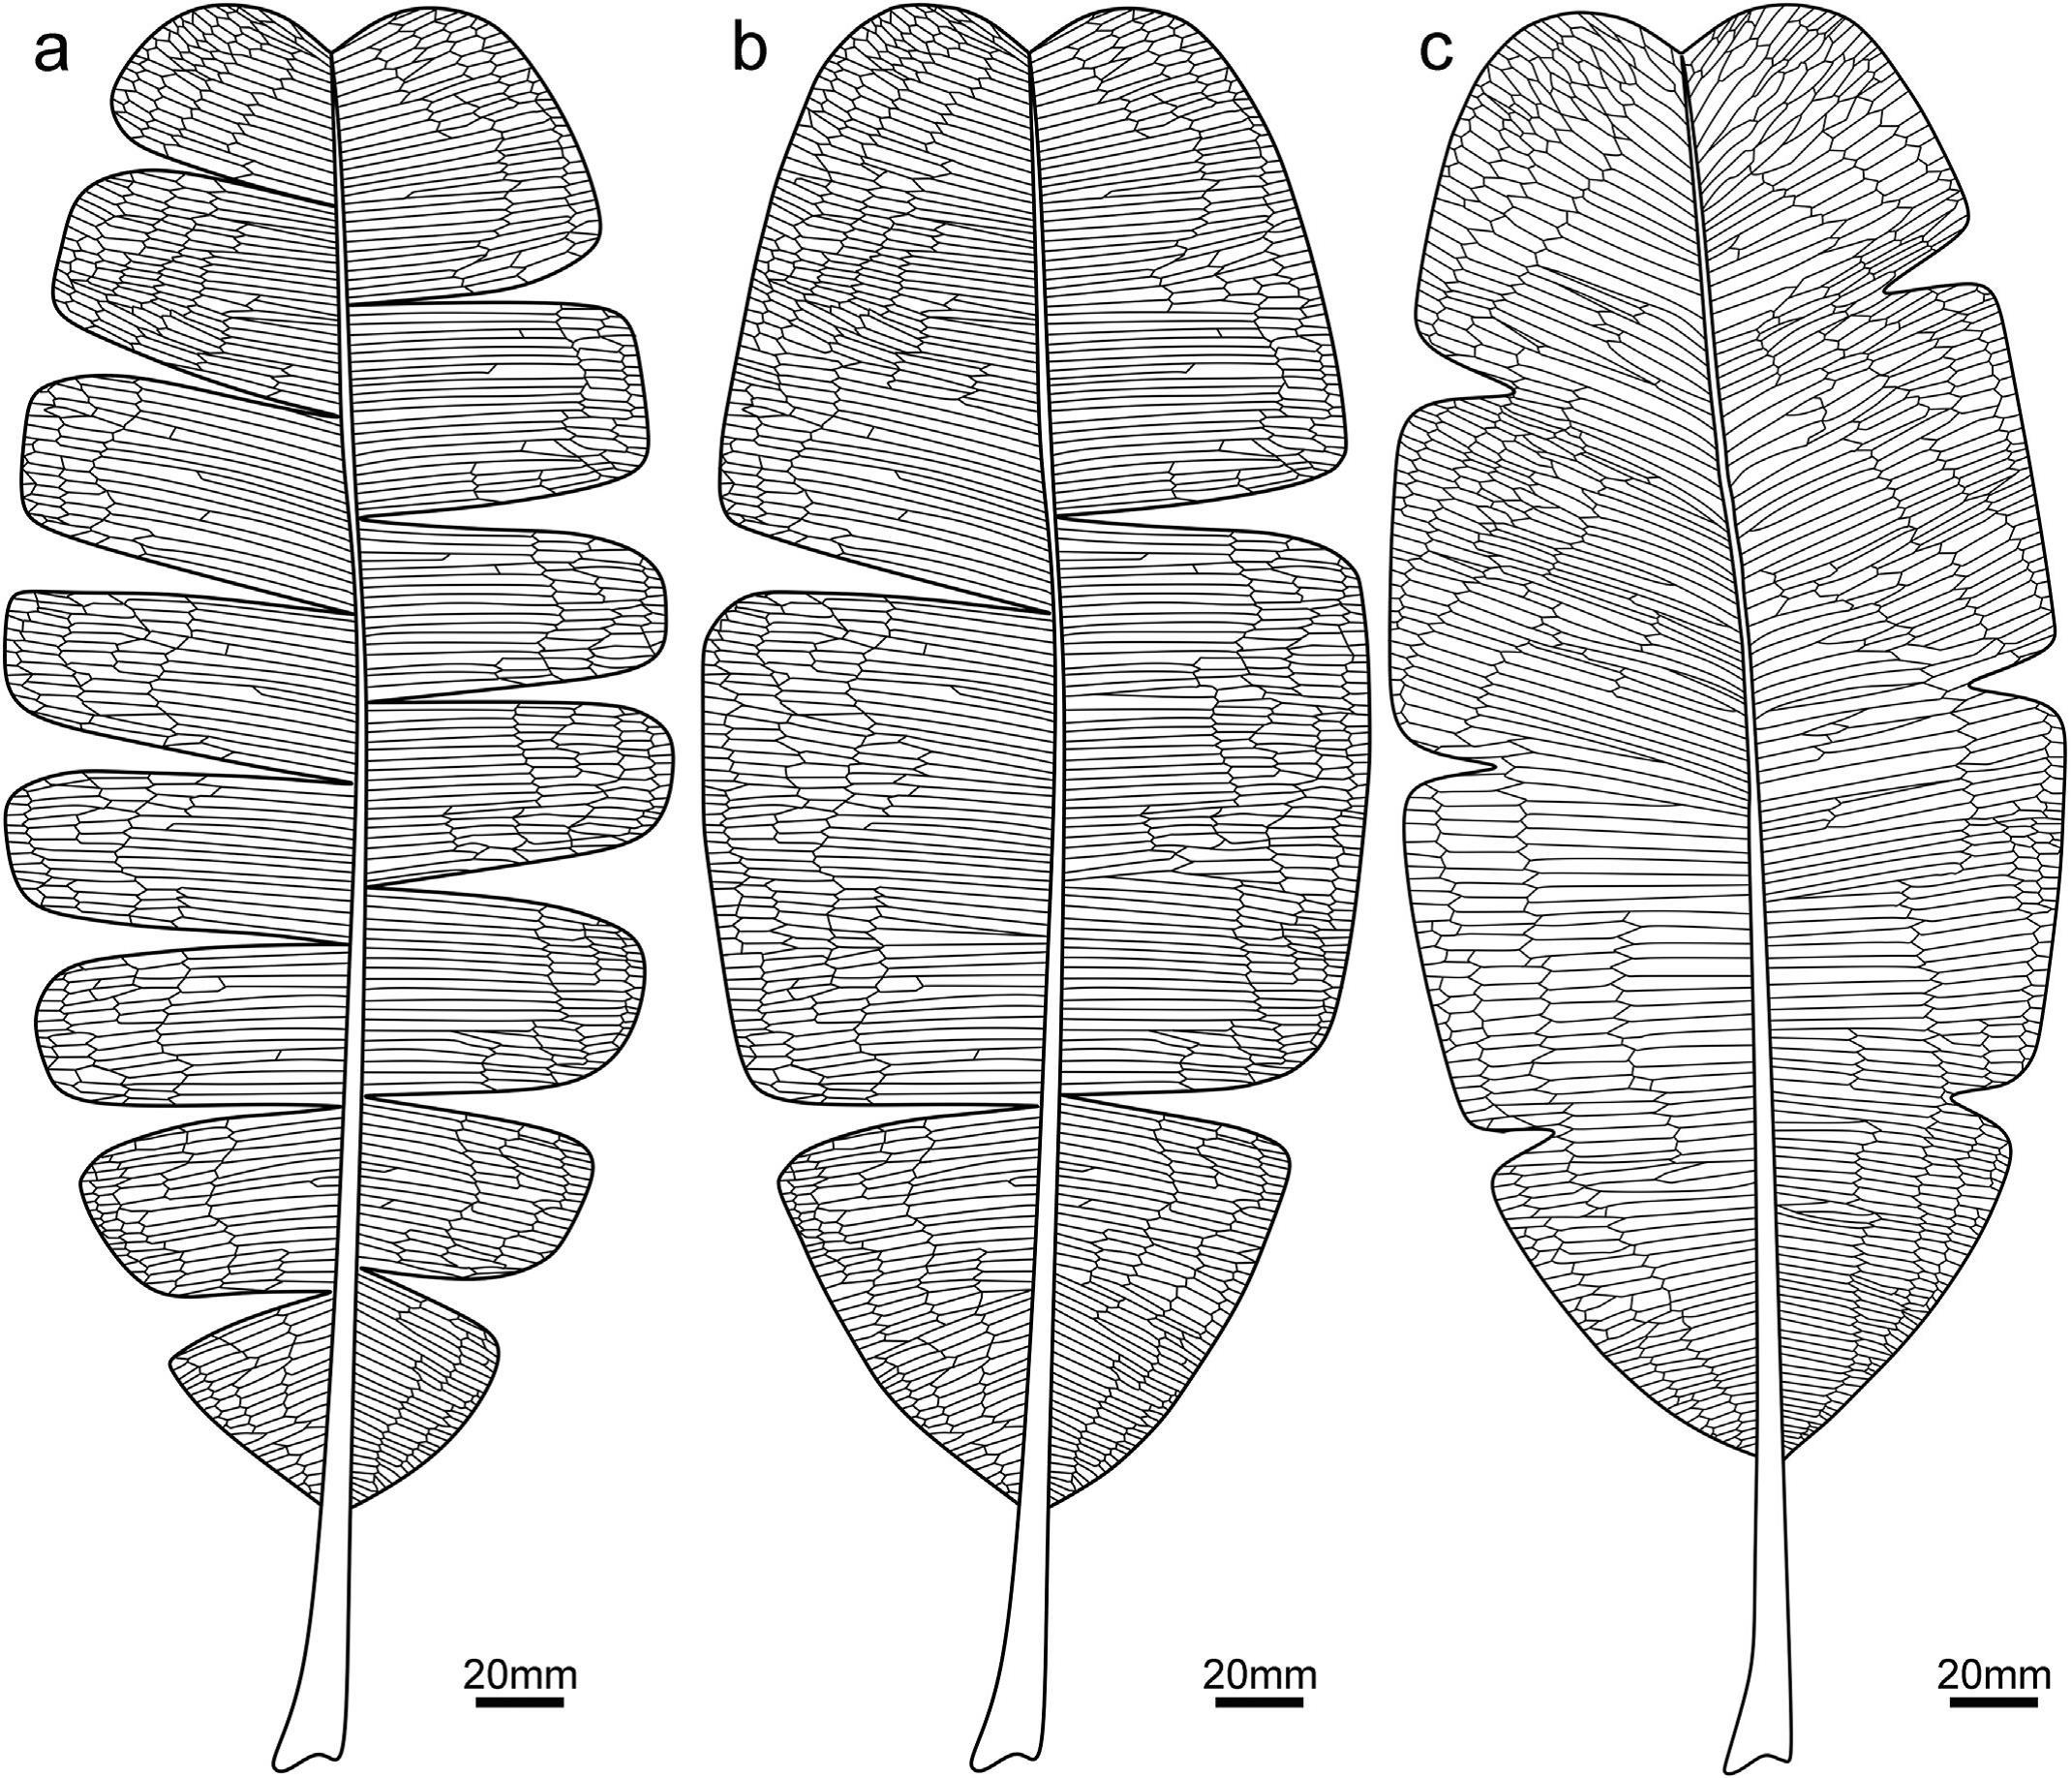 粗买大网羽叶的形态复原图,显示叶缘网脉及具有不同程度的缺刻